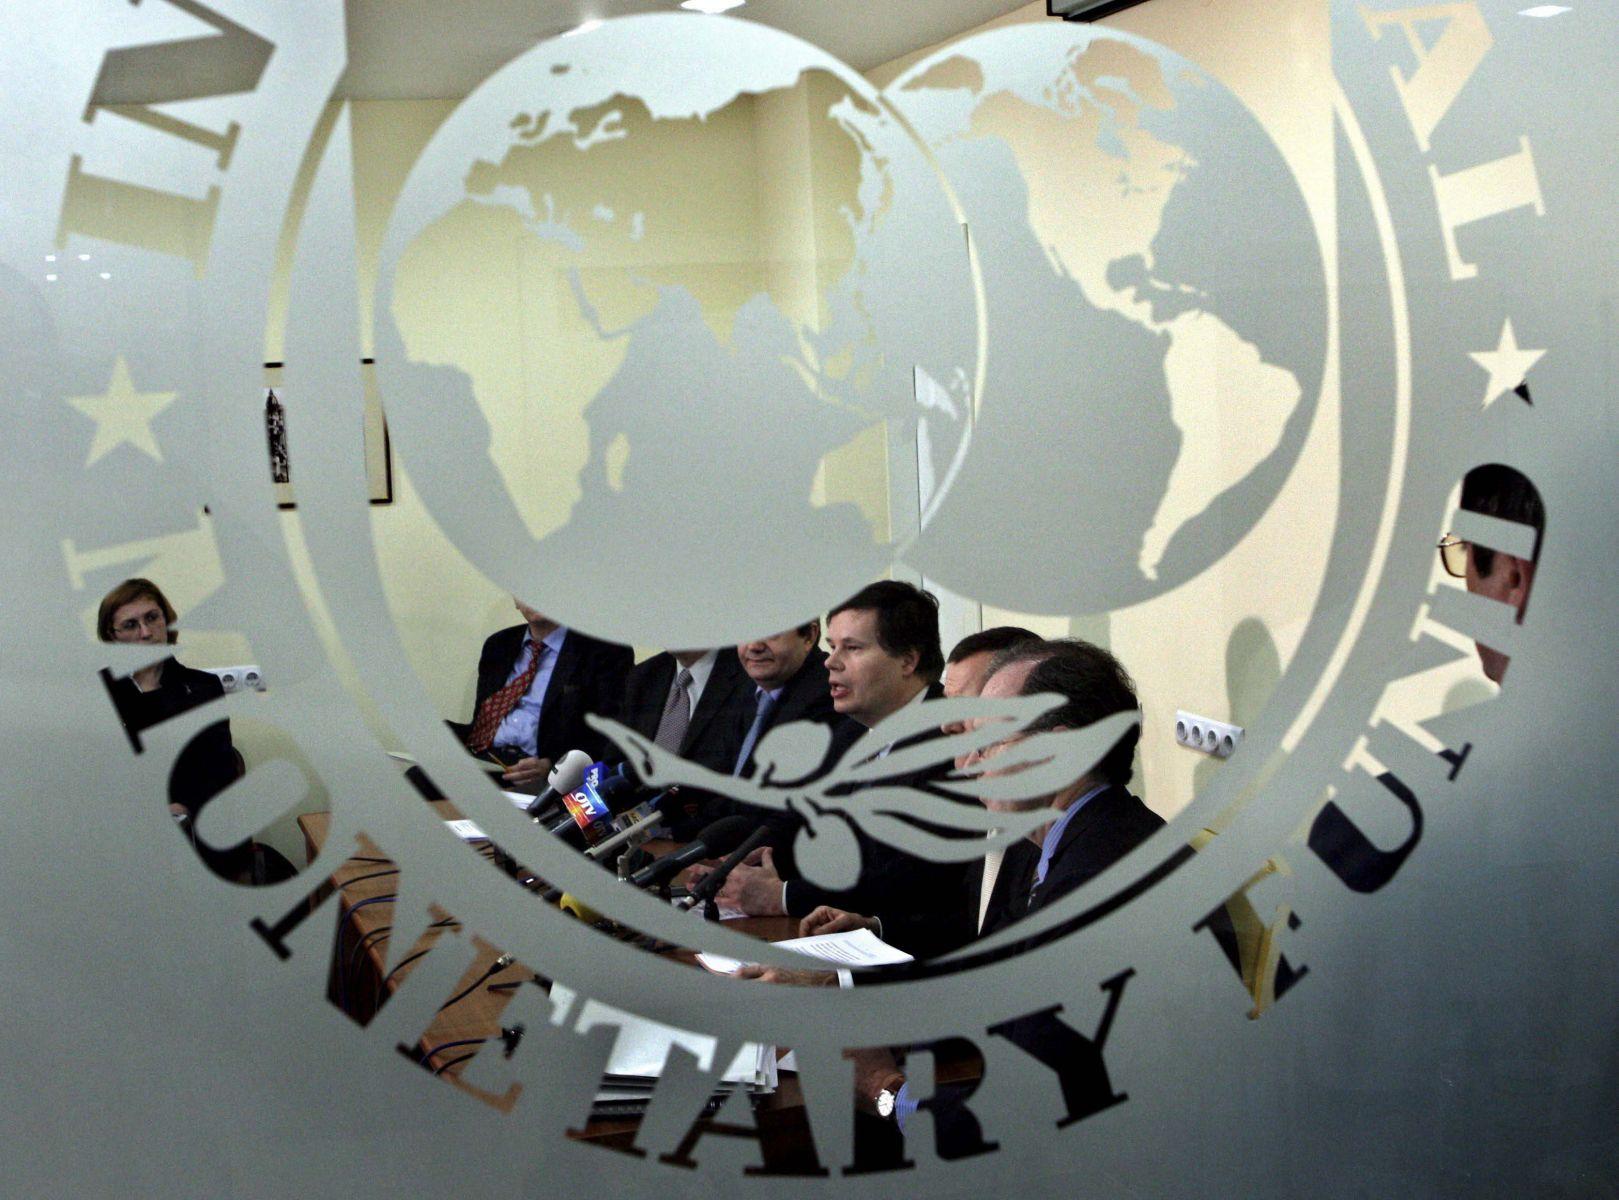 МВФ ожидаемо улучшил прогноз поспаду ВВП Российской Федерации